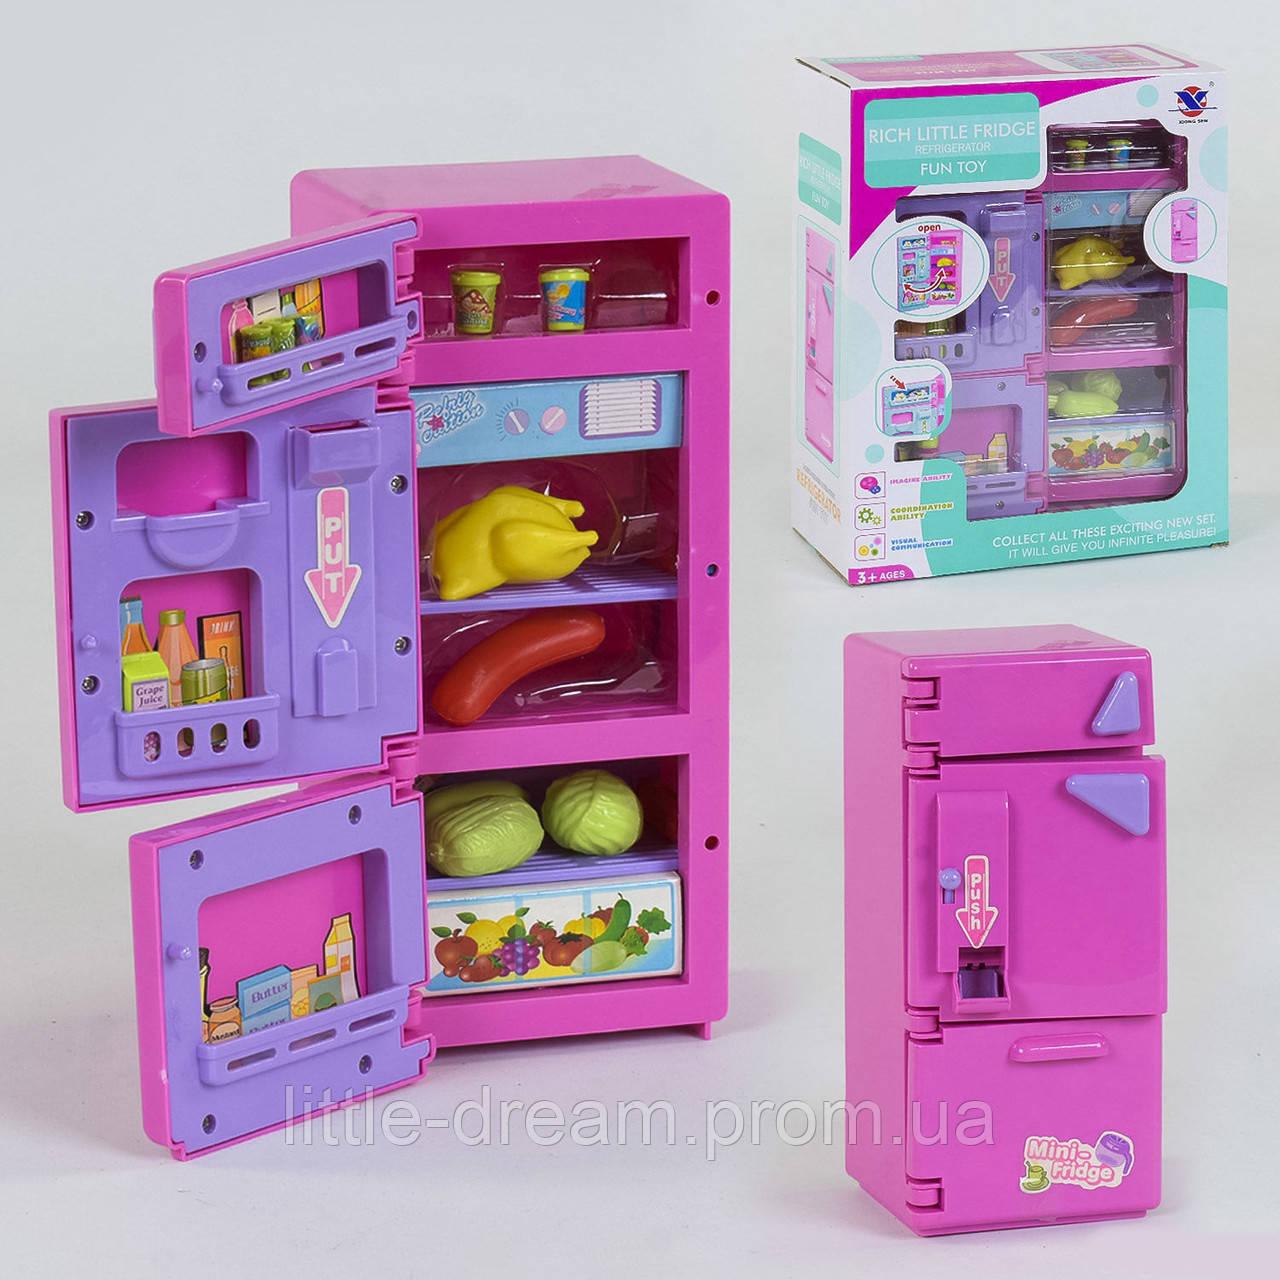 Холодильник XS 18006, свет, звук